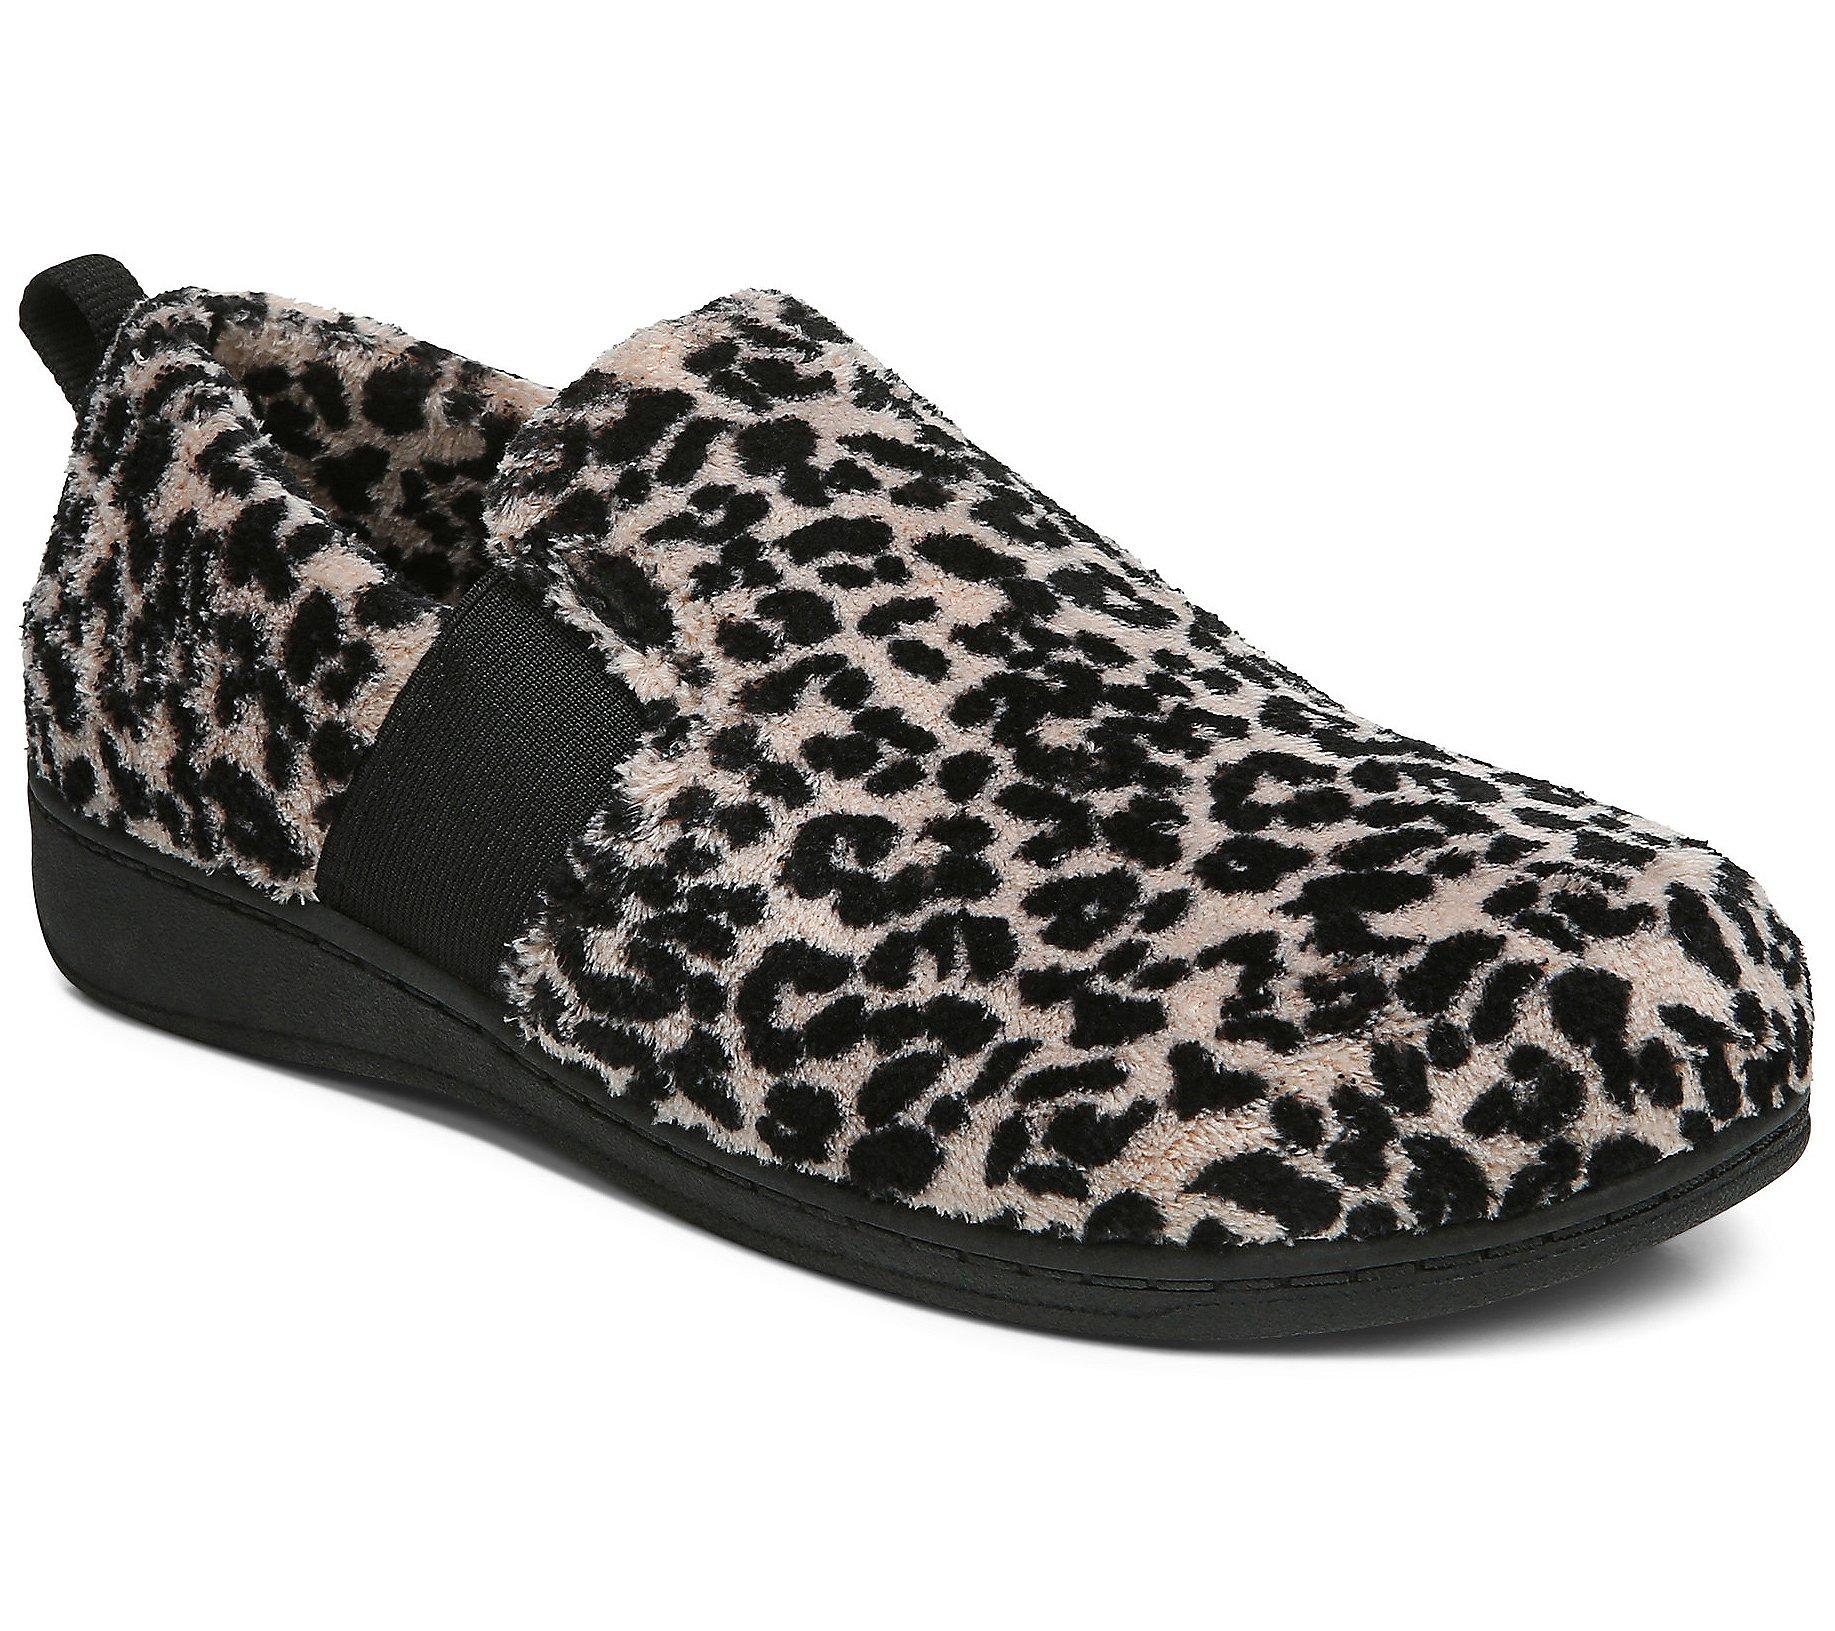 Brand New Scholl Orthaheel Snug Womens Warm Comfortable Indoor Slippers